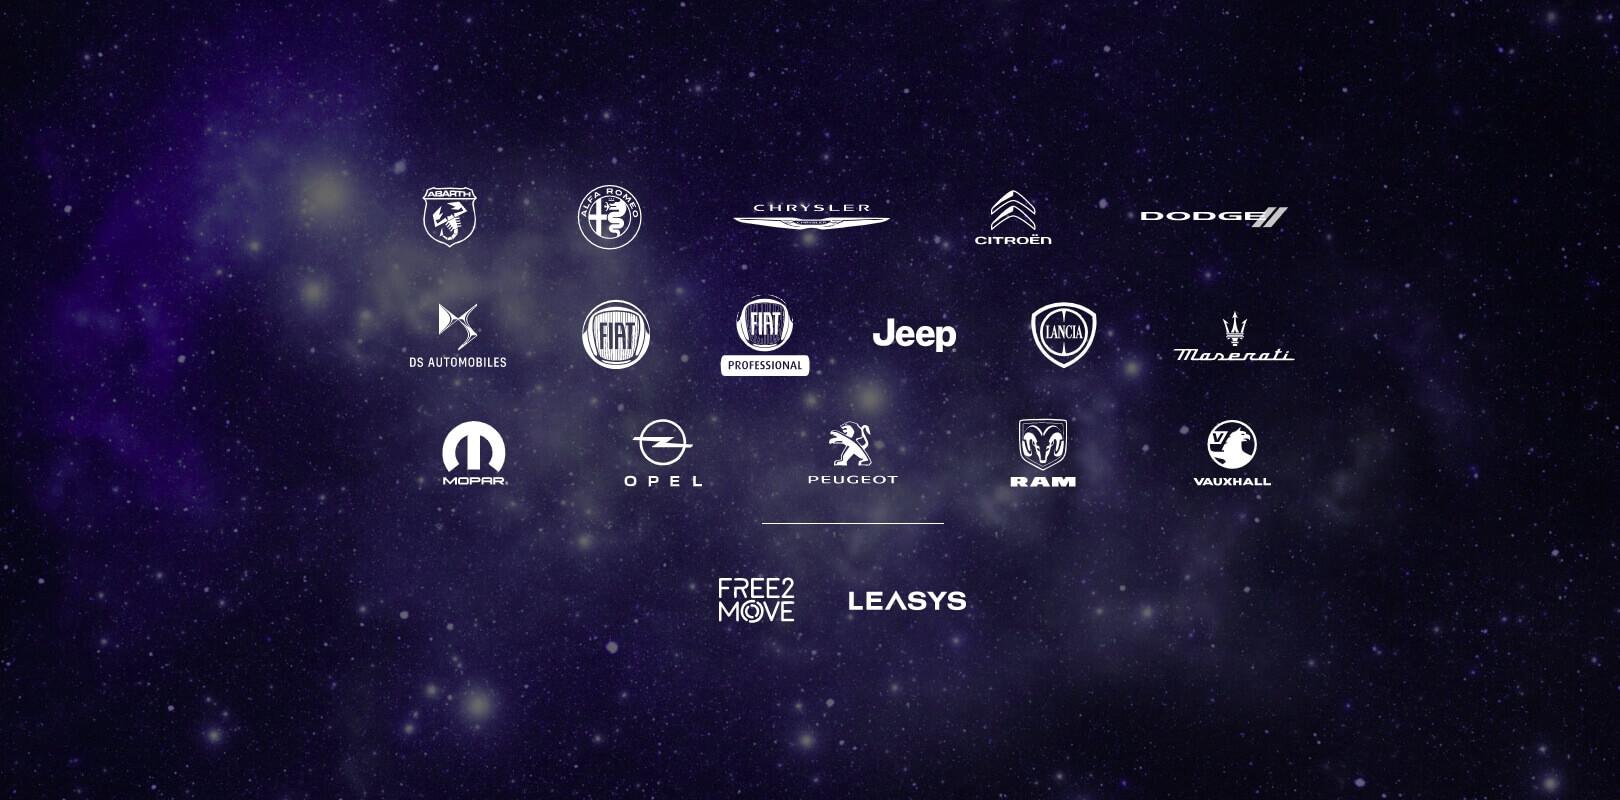 Концерны FCA и Groupe PSA соединились в компанию Stellantis